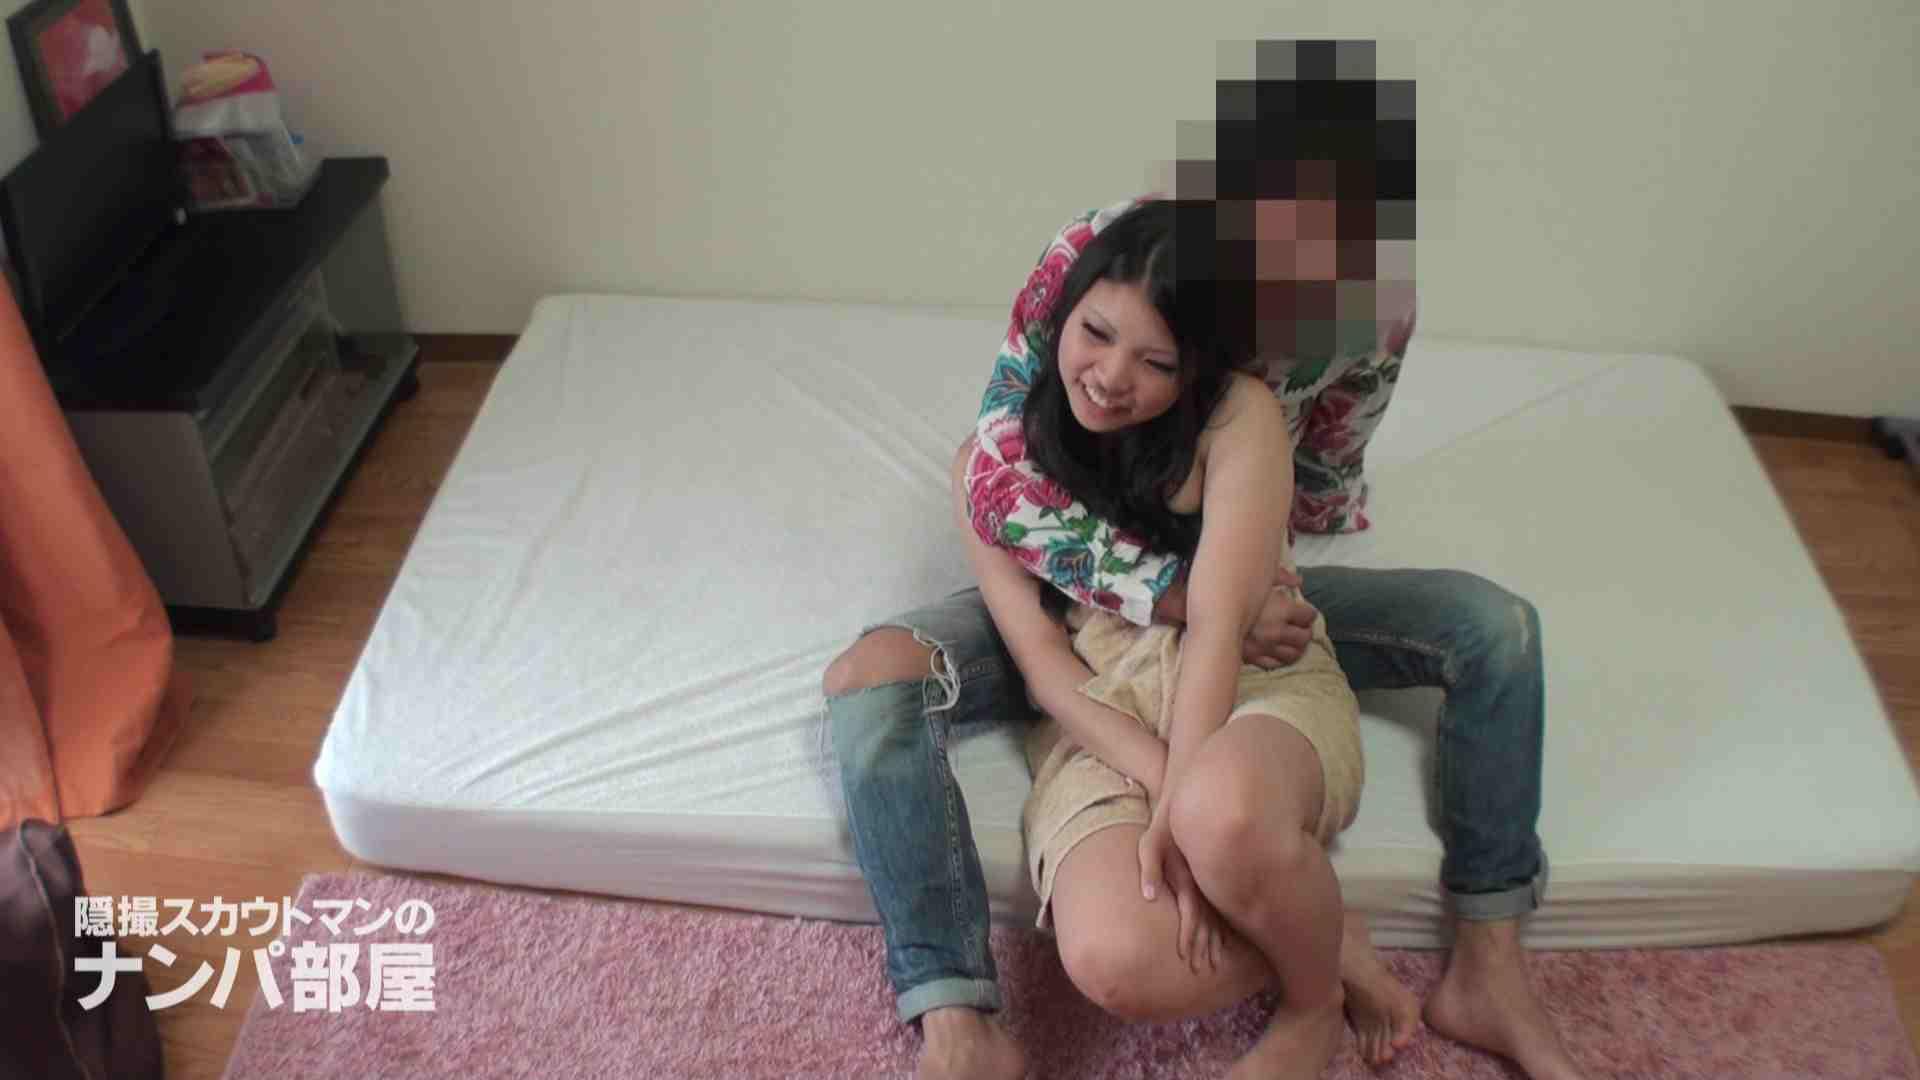 隠撮スカウトマンのナンパ部屋~風俗デビュー前のつまみ食い~hanavol.2 SEX アダルト動画キャプチャ 88pic 57